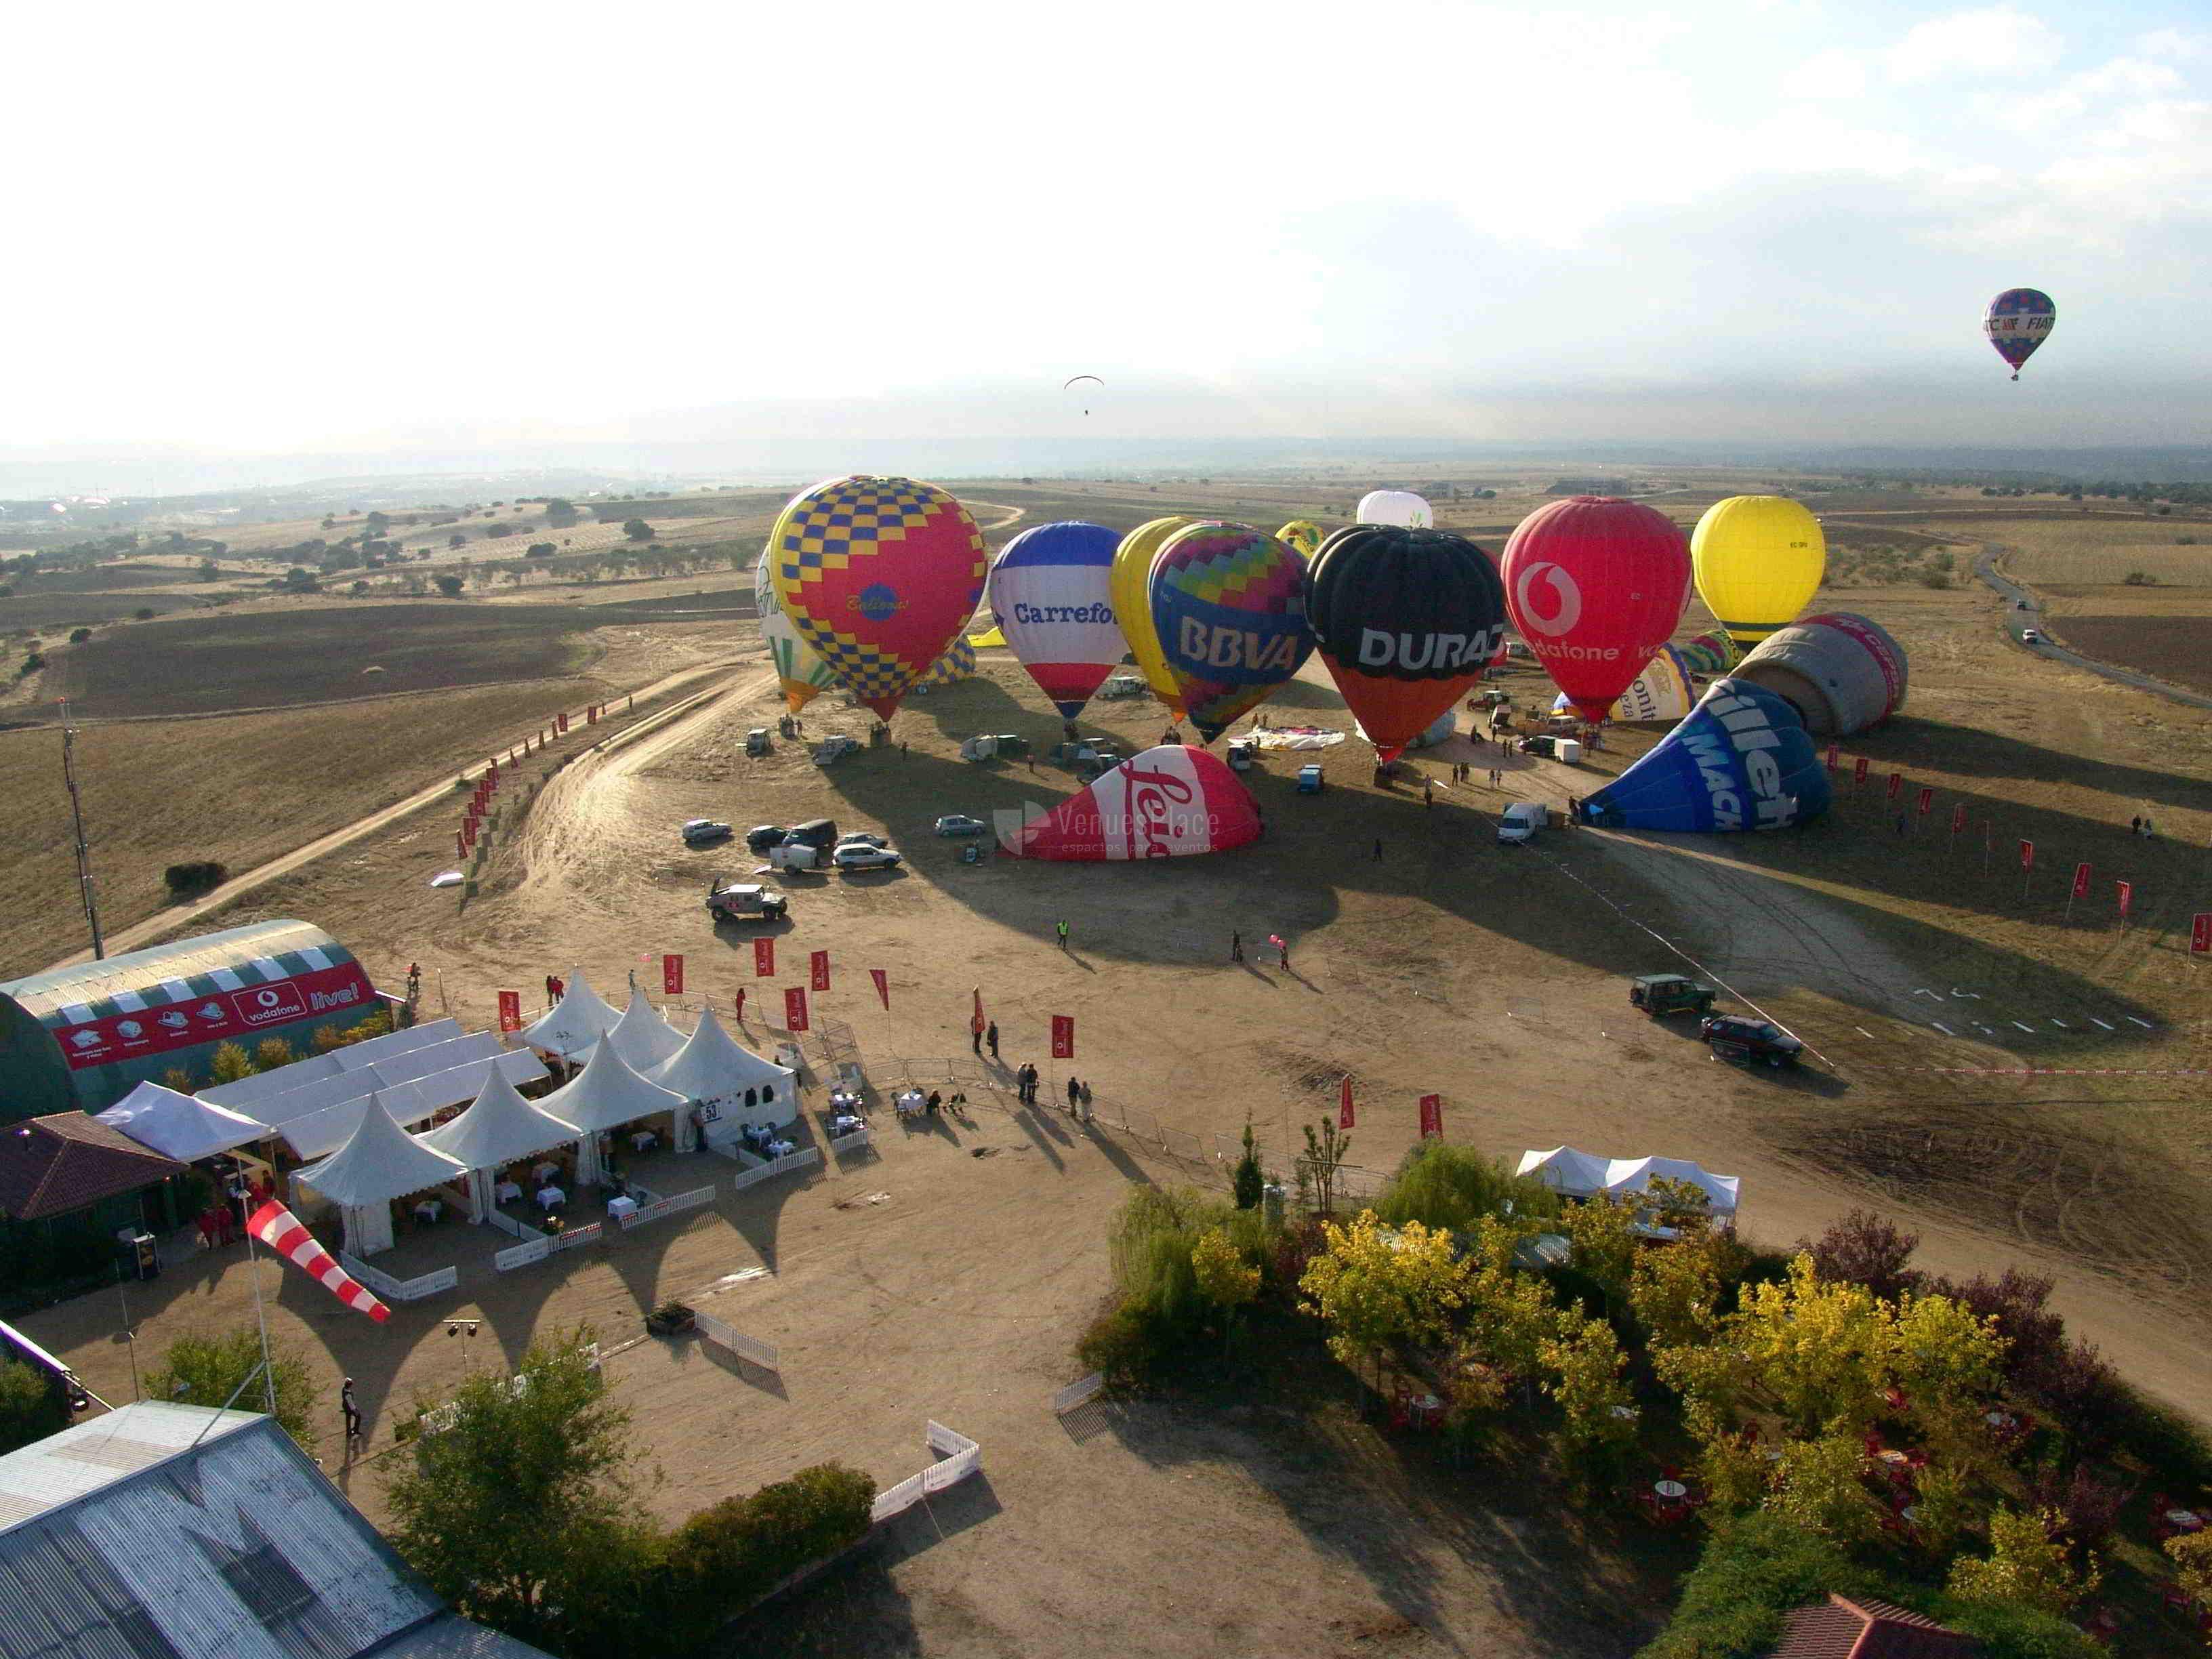 Eventos únicos en Aeródromo Villanueva del Pardillo